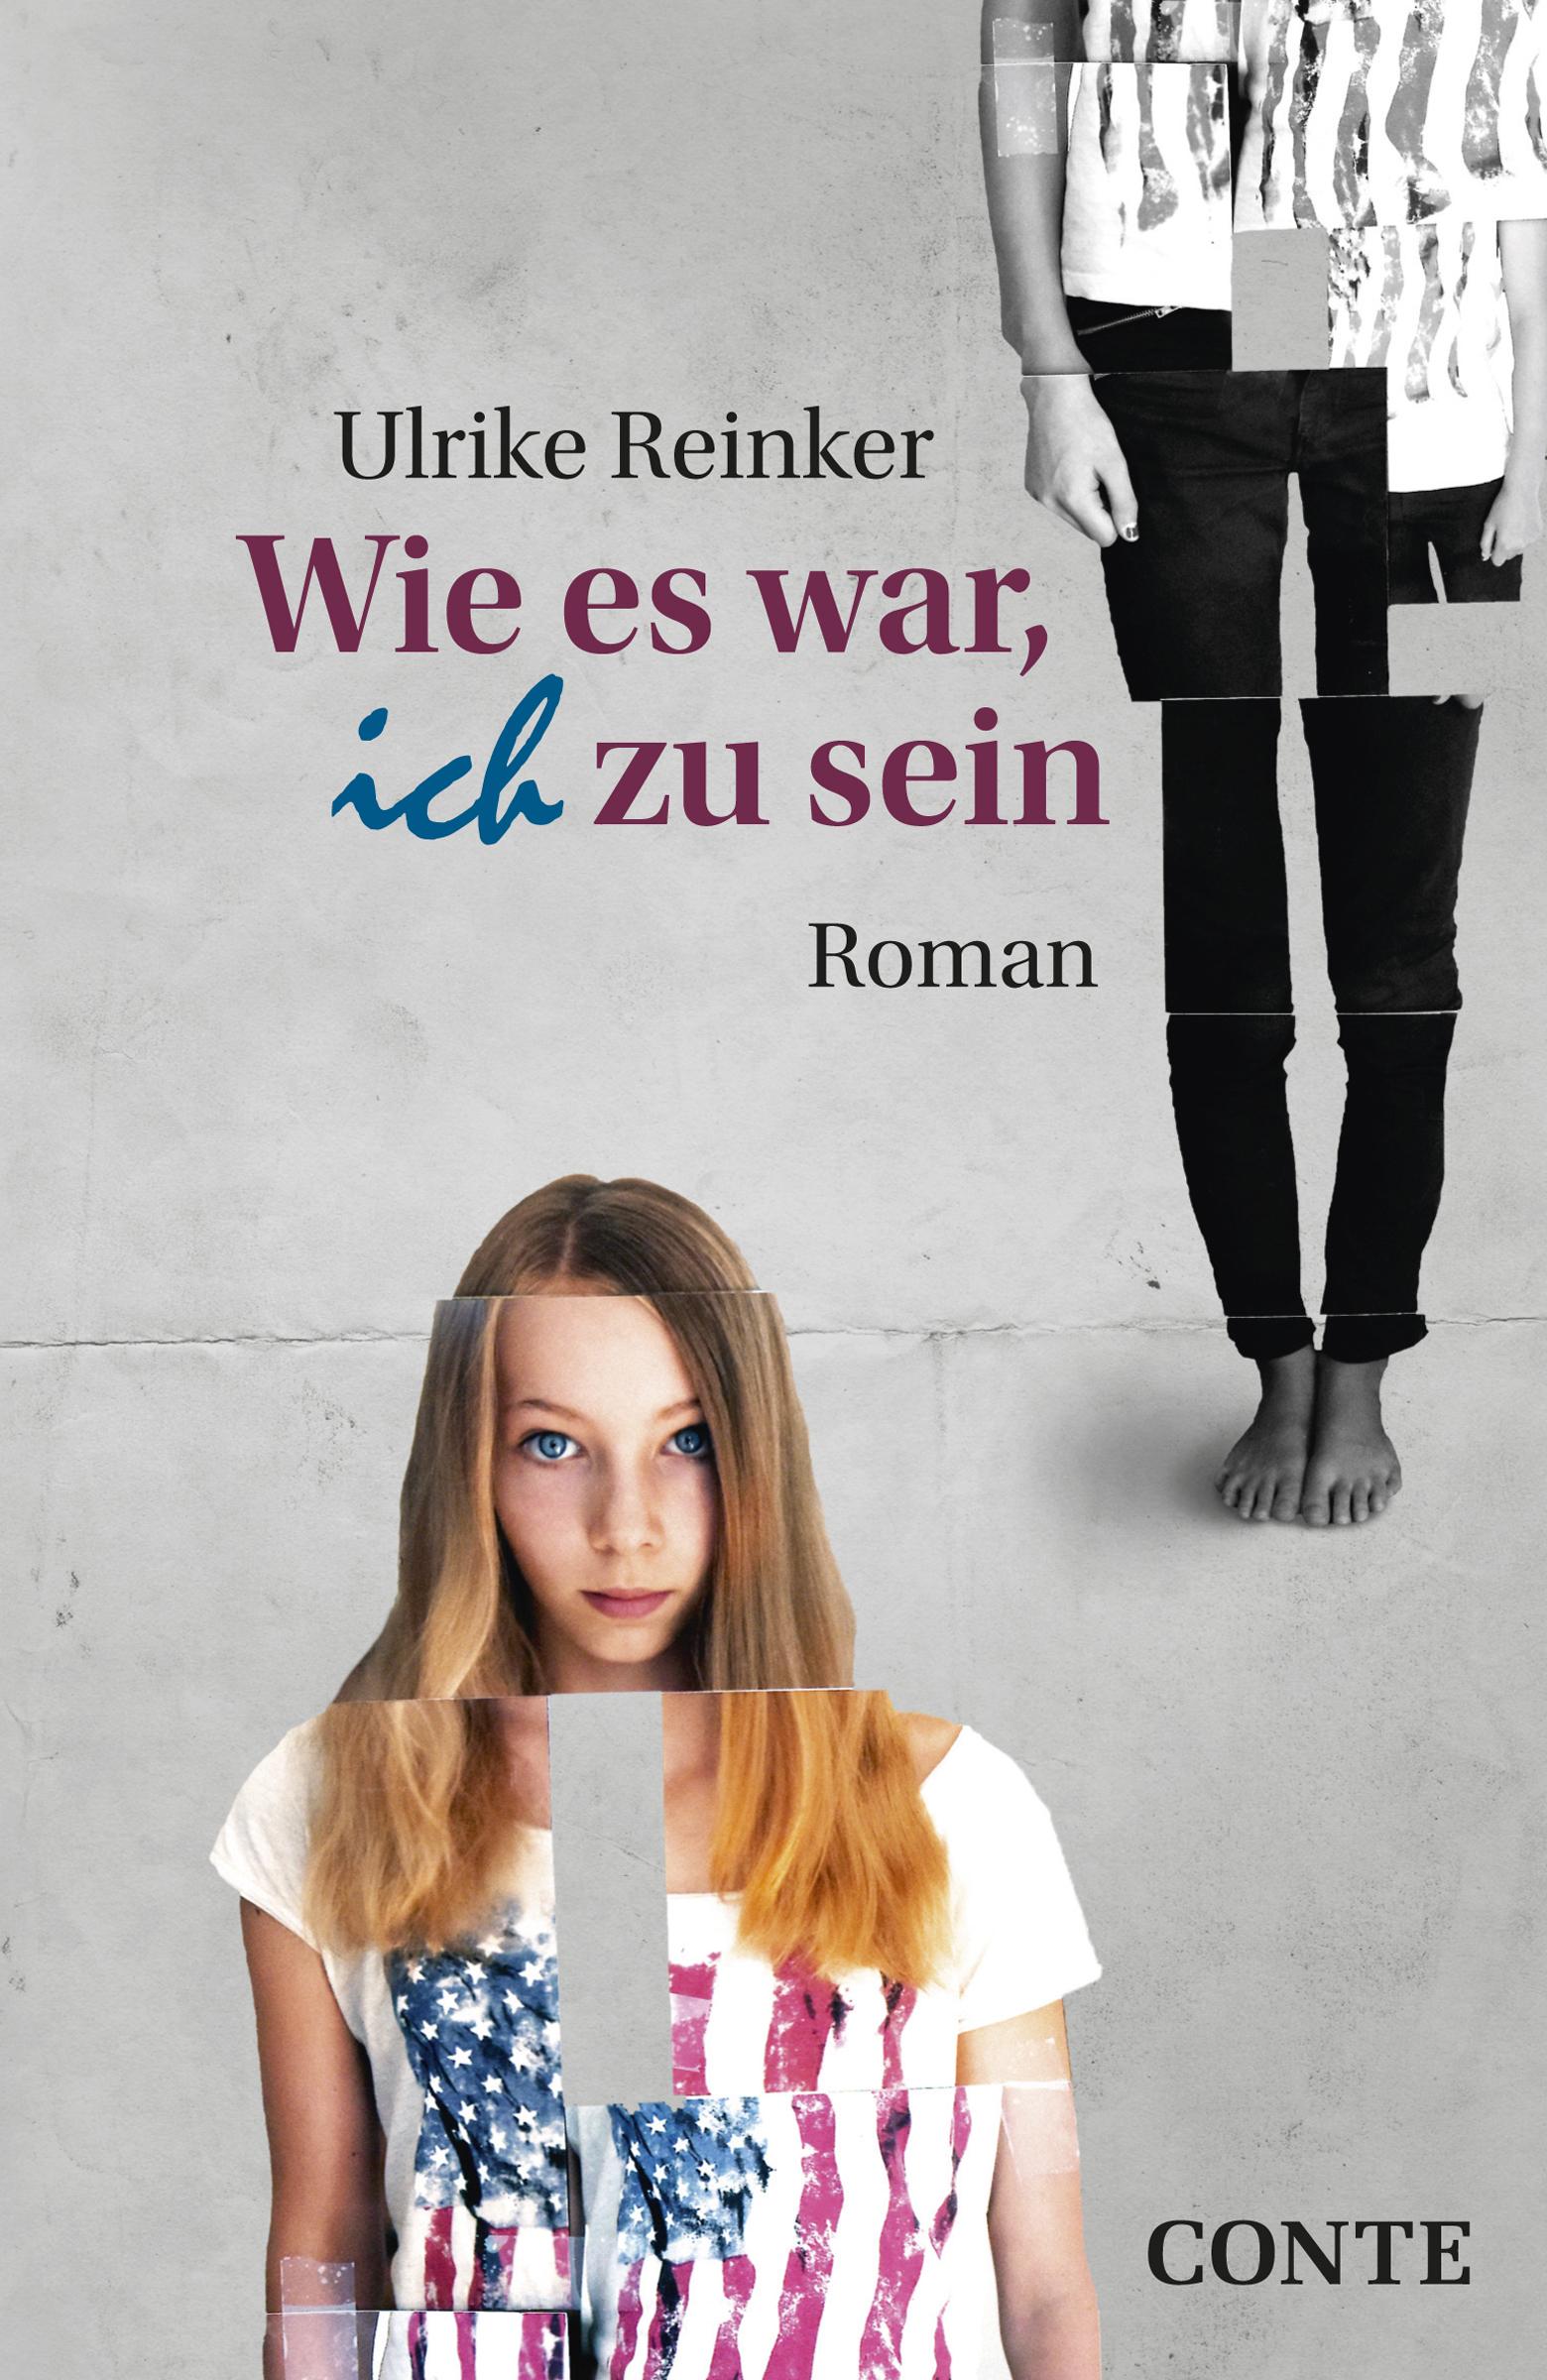 Ulrike Reinker Wie es war, ich zu sein aleksanova larisa nemetskaya konstruktsiya sein zu infinitiv